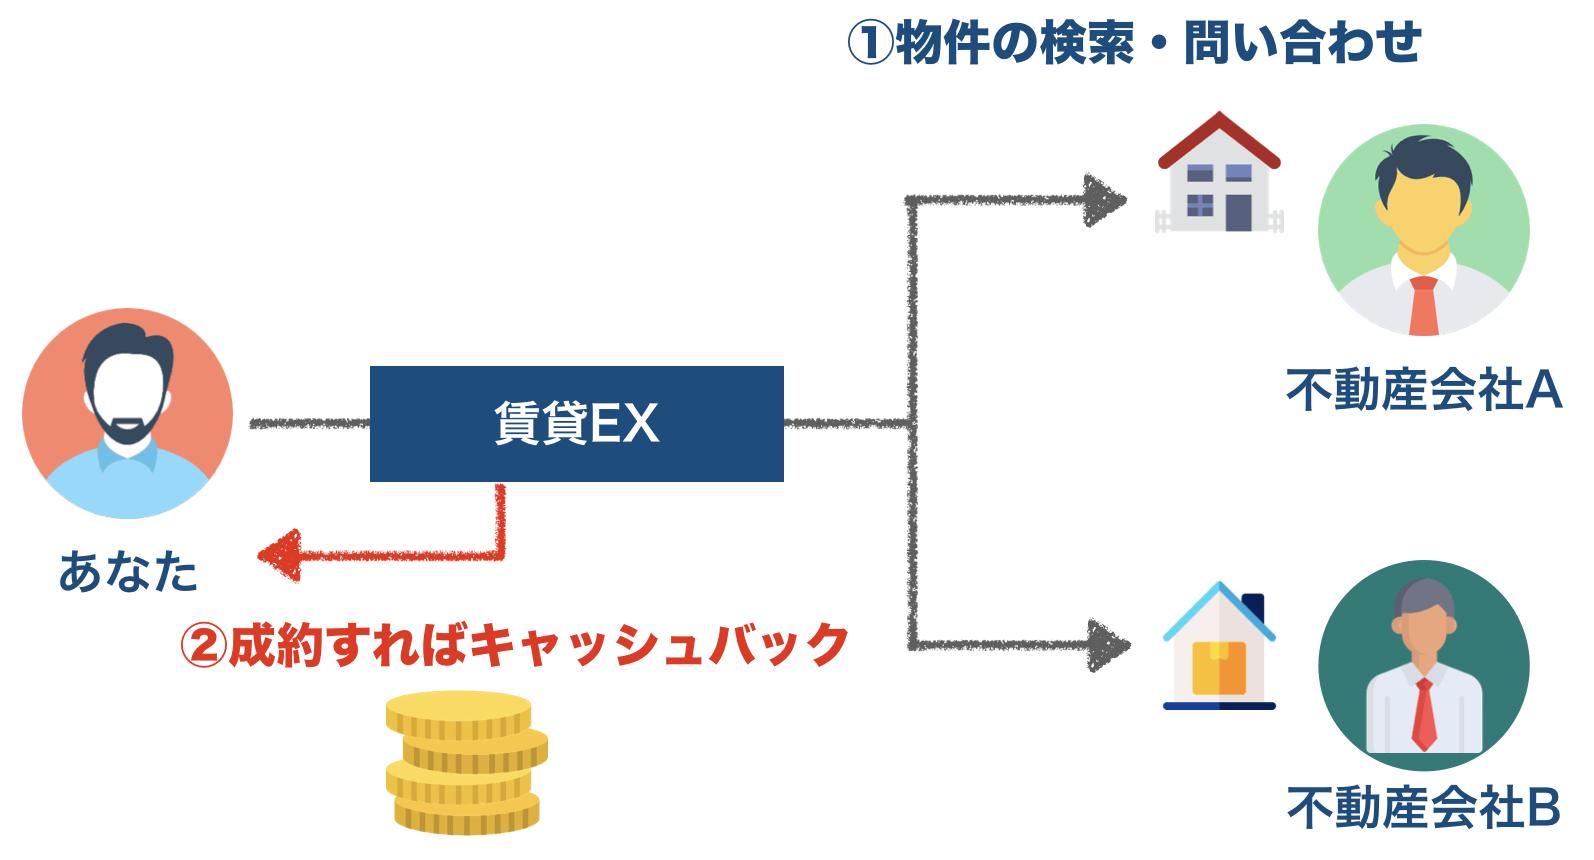 賃貸EXの利用の仕組み